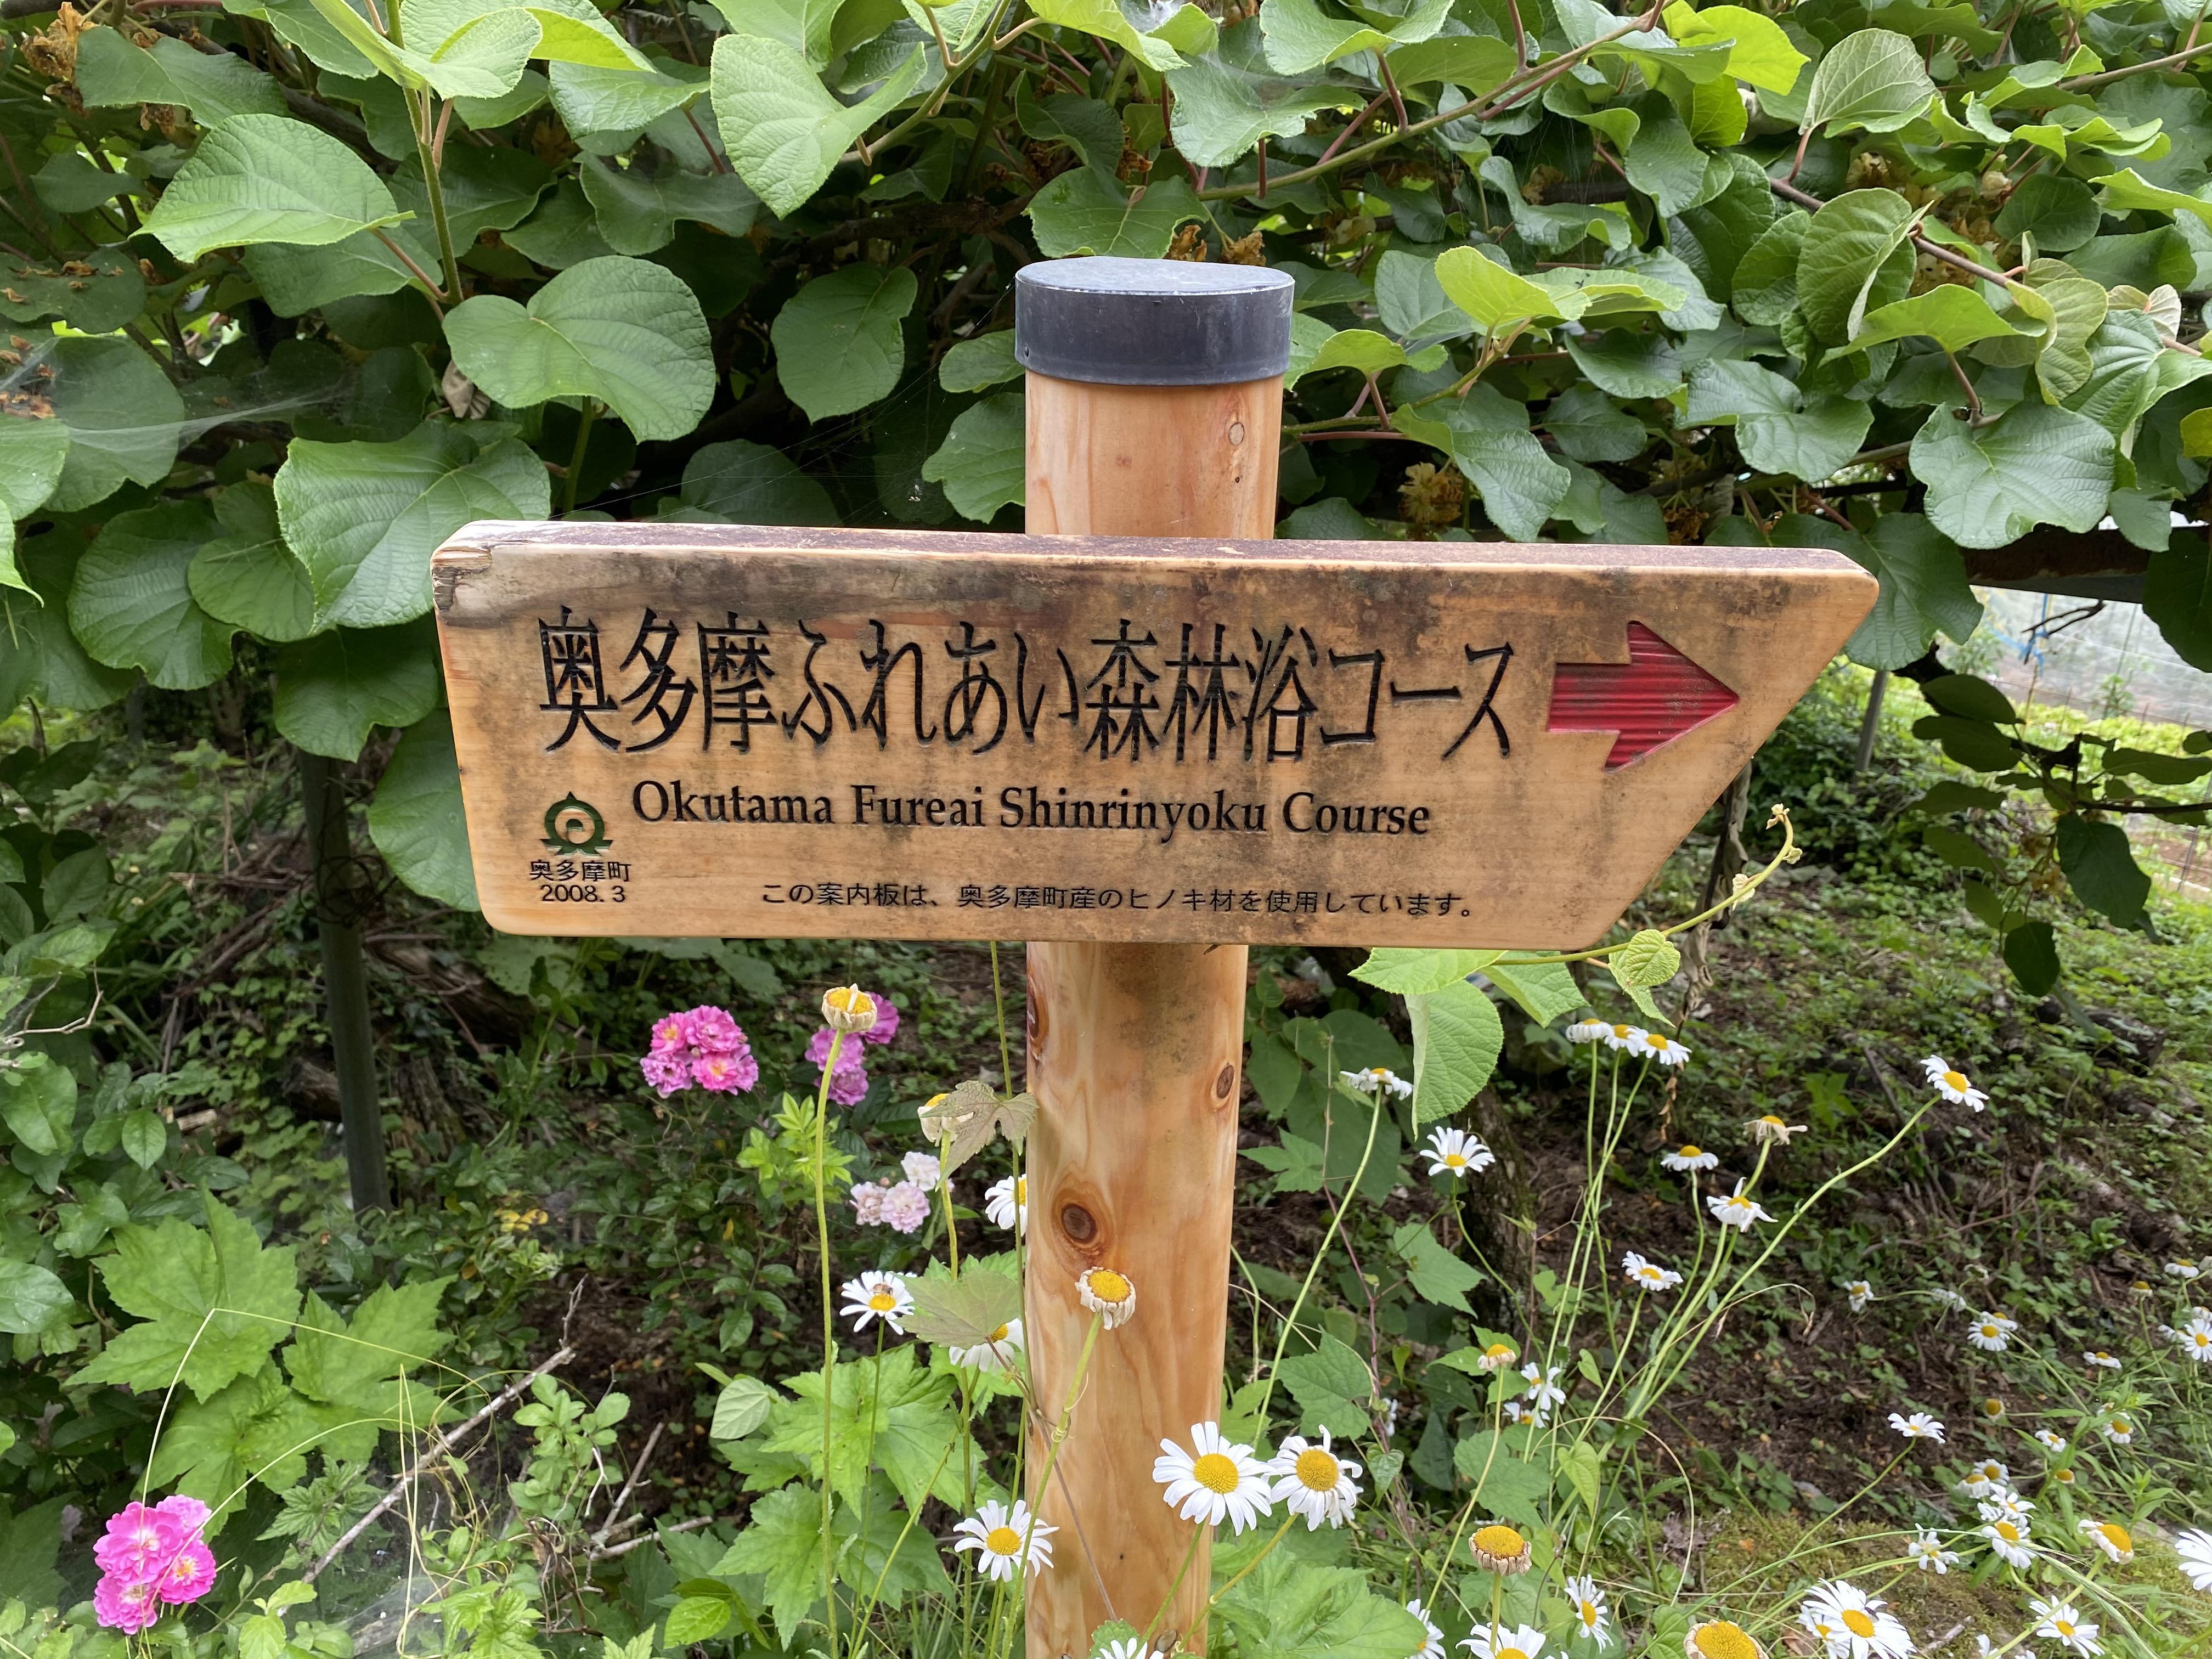 奥多摩ふれあい森林浴コース→